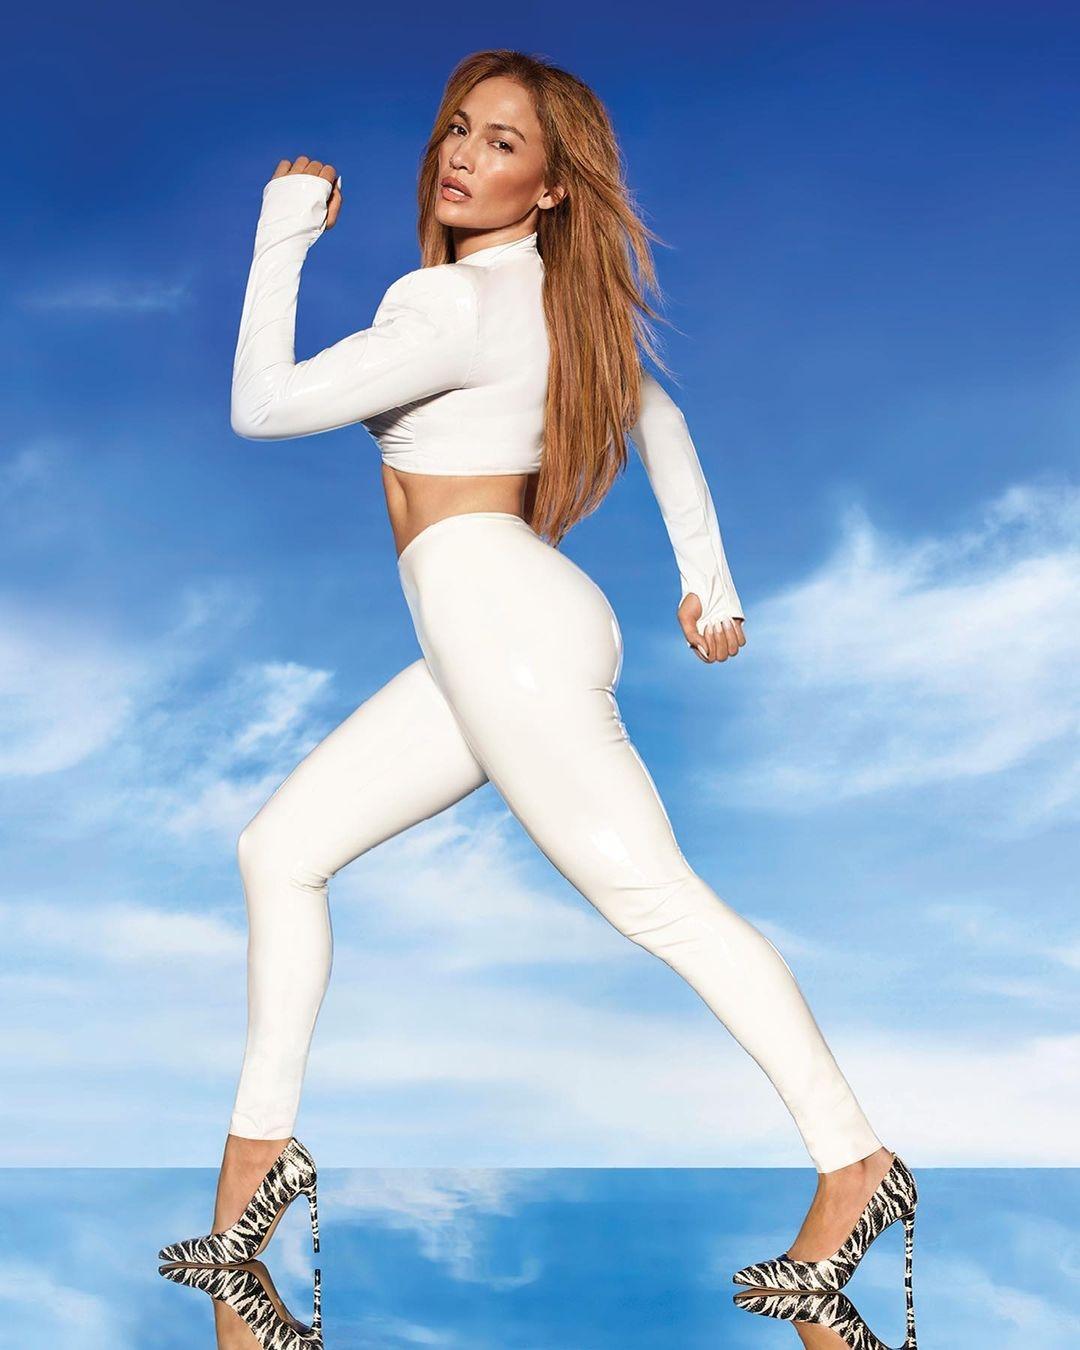 Образ дня: Дженнифер Лопес в белоснежном костюме из латекса (ФОТО) - фото №2